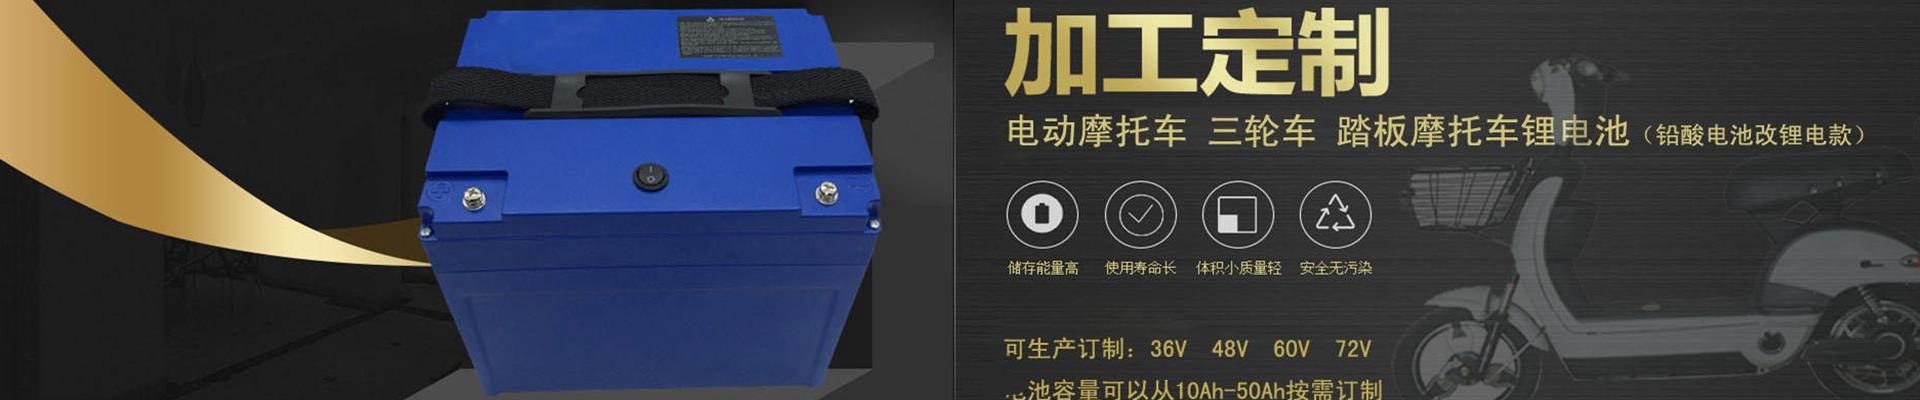 深圳市锐奇特能源有限公司